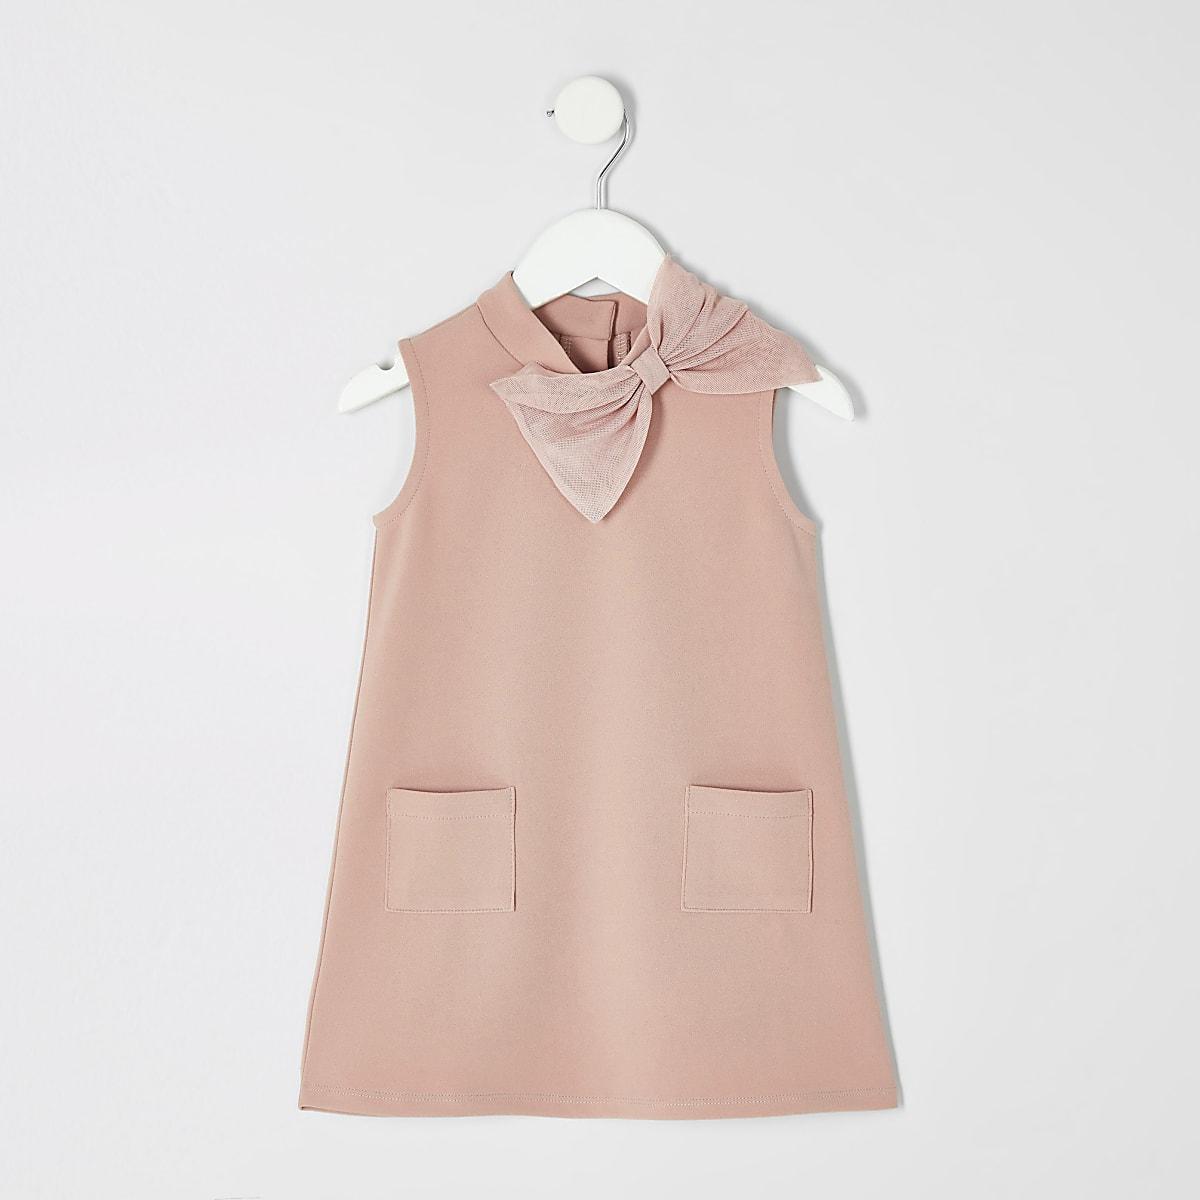 Mini - Roze jurk voor meisjes